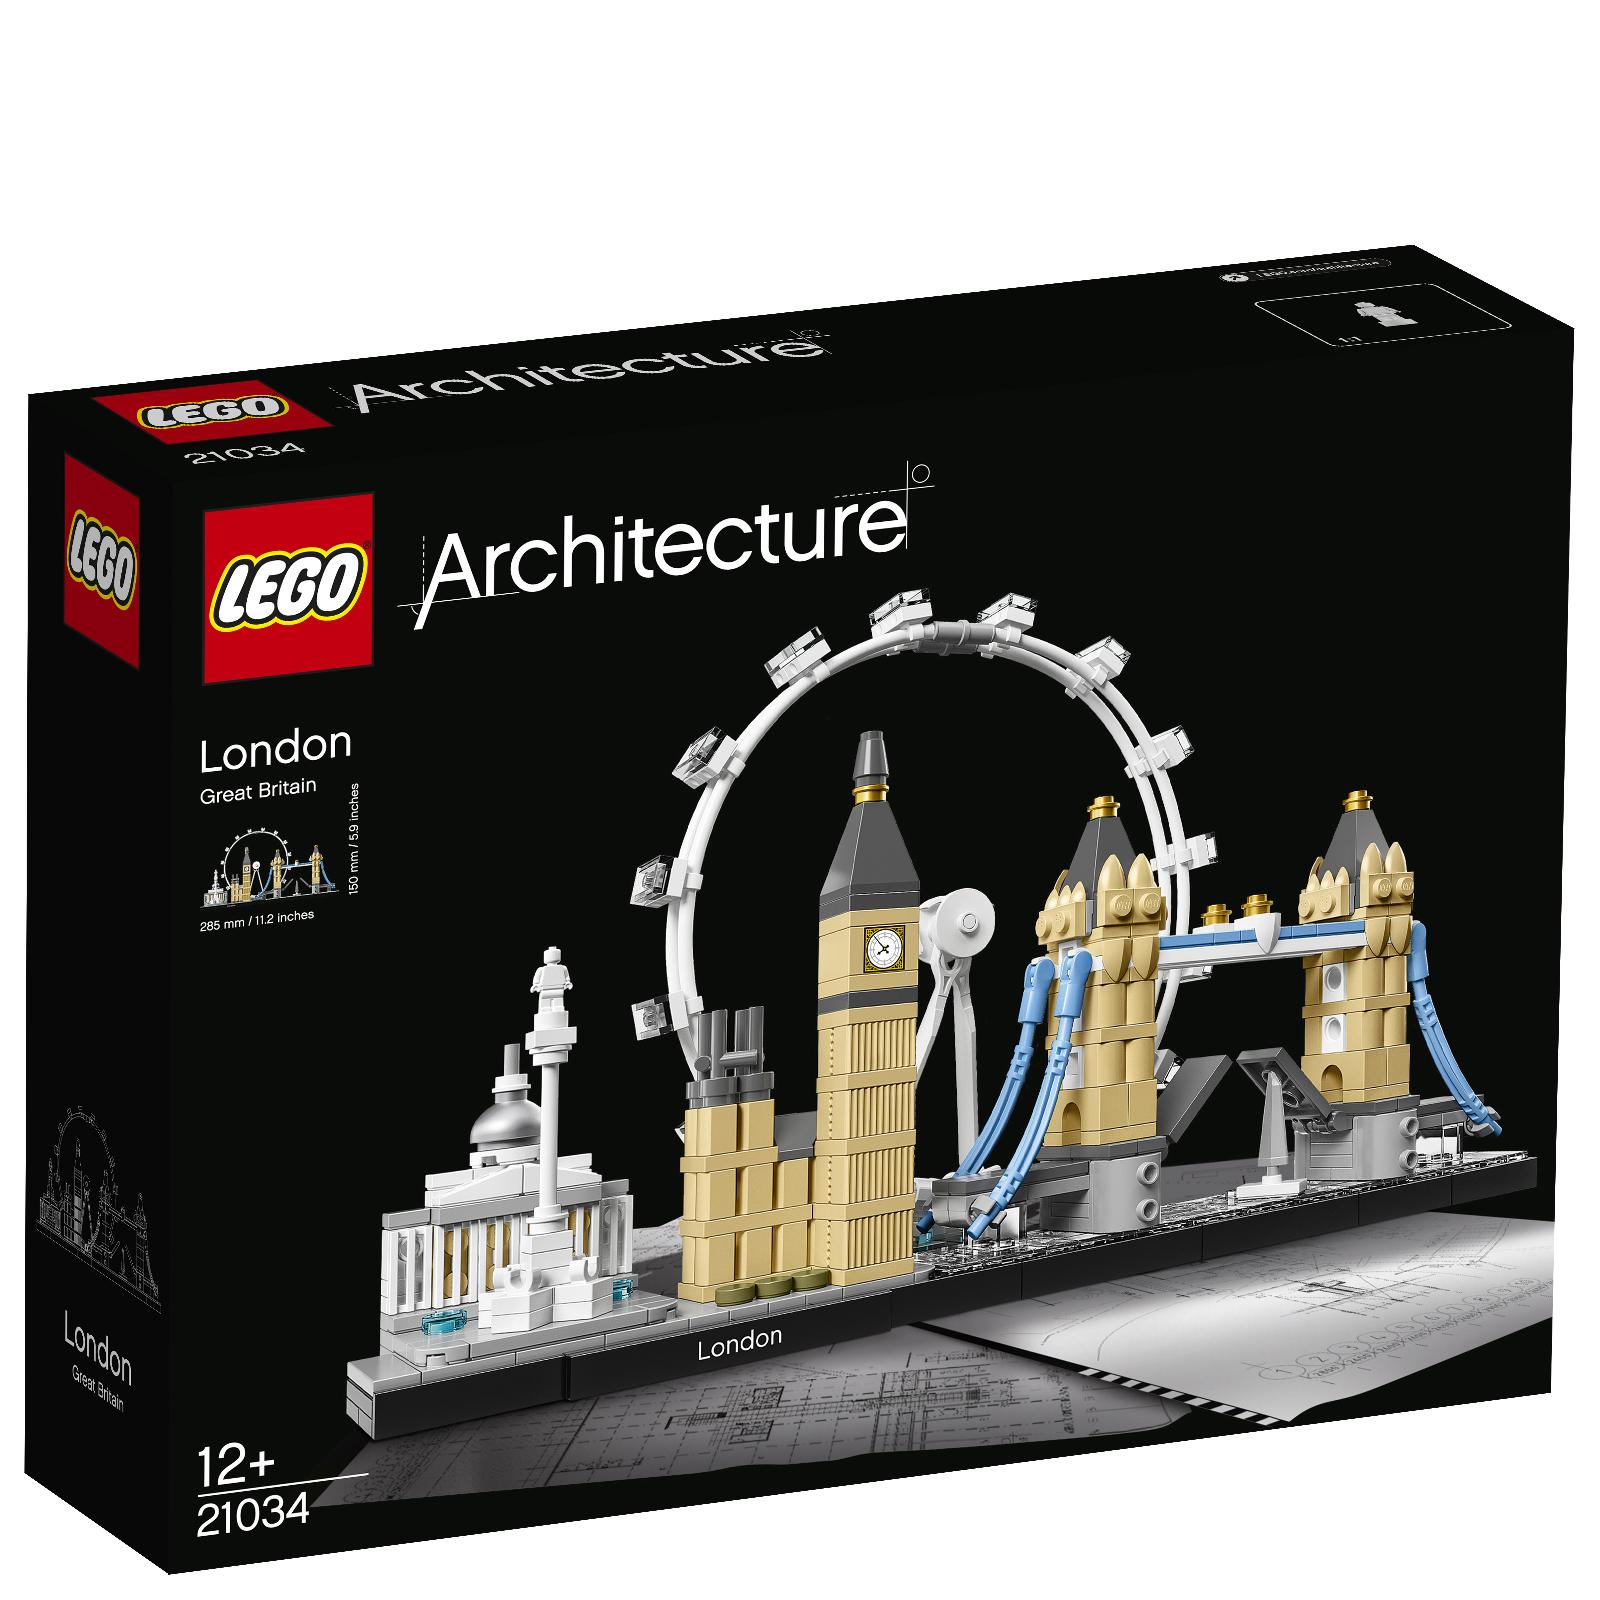 Image of 21034 LEGO® ARCHITECTURE London